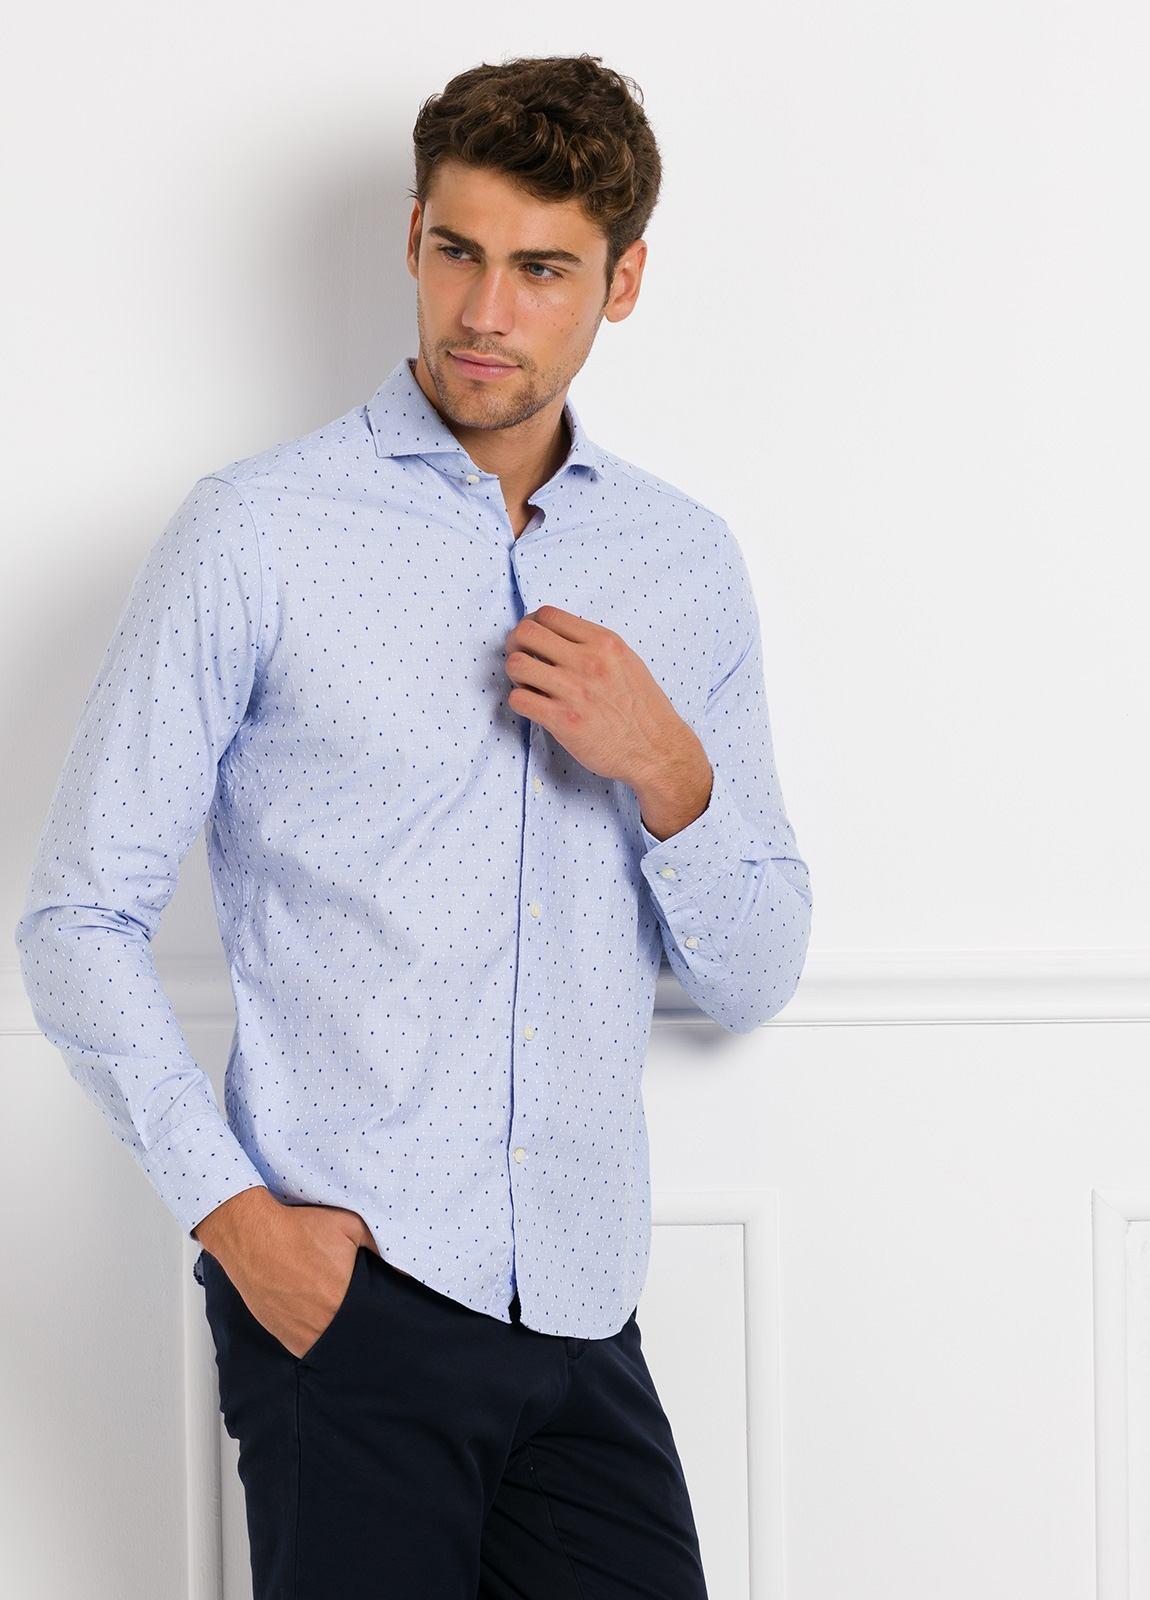 Camisa Leisure Wear SLIM FIT Modelo CAPRI, tejido dibujo fantasia jacquard color celeste, 100% Algodón.